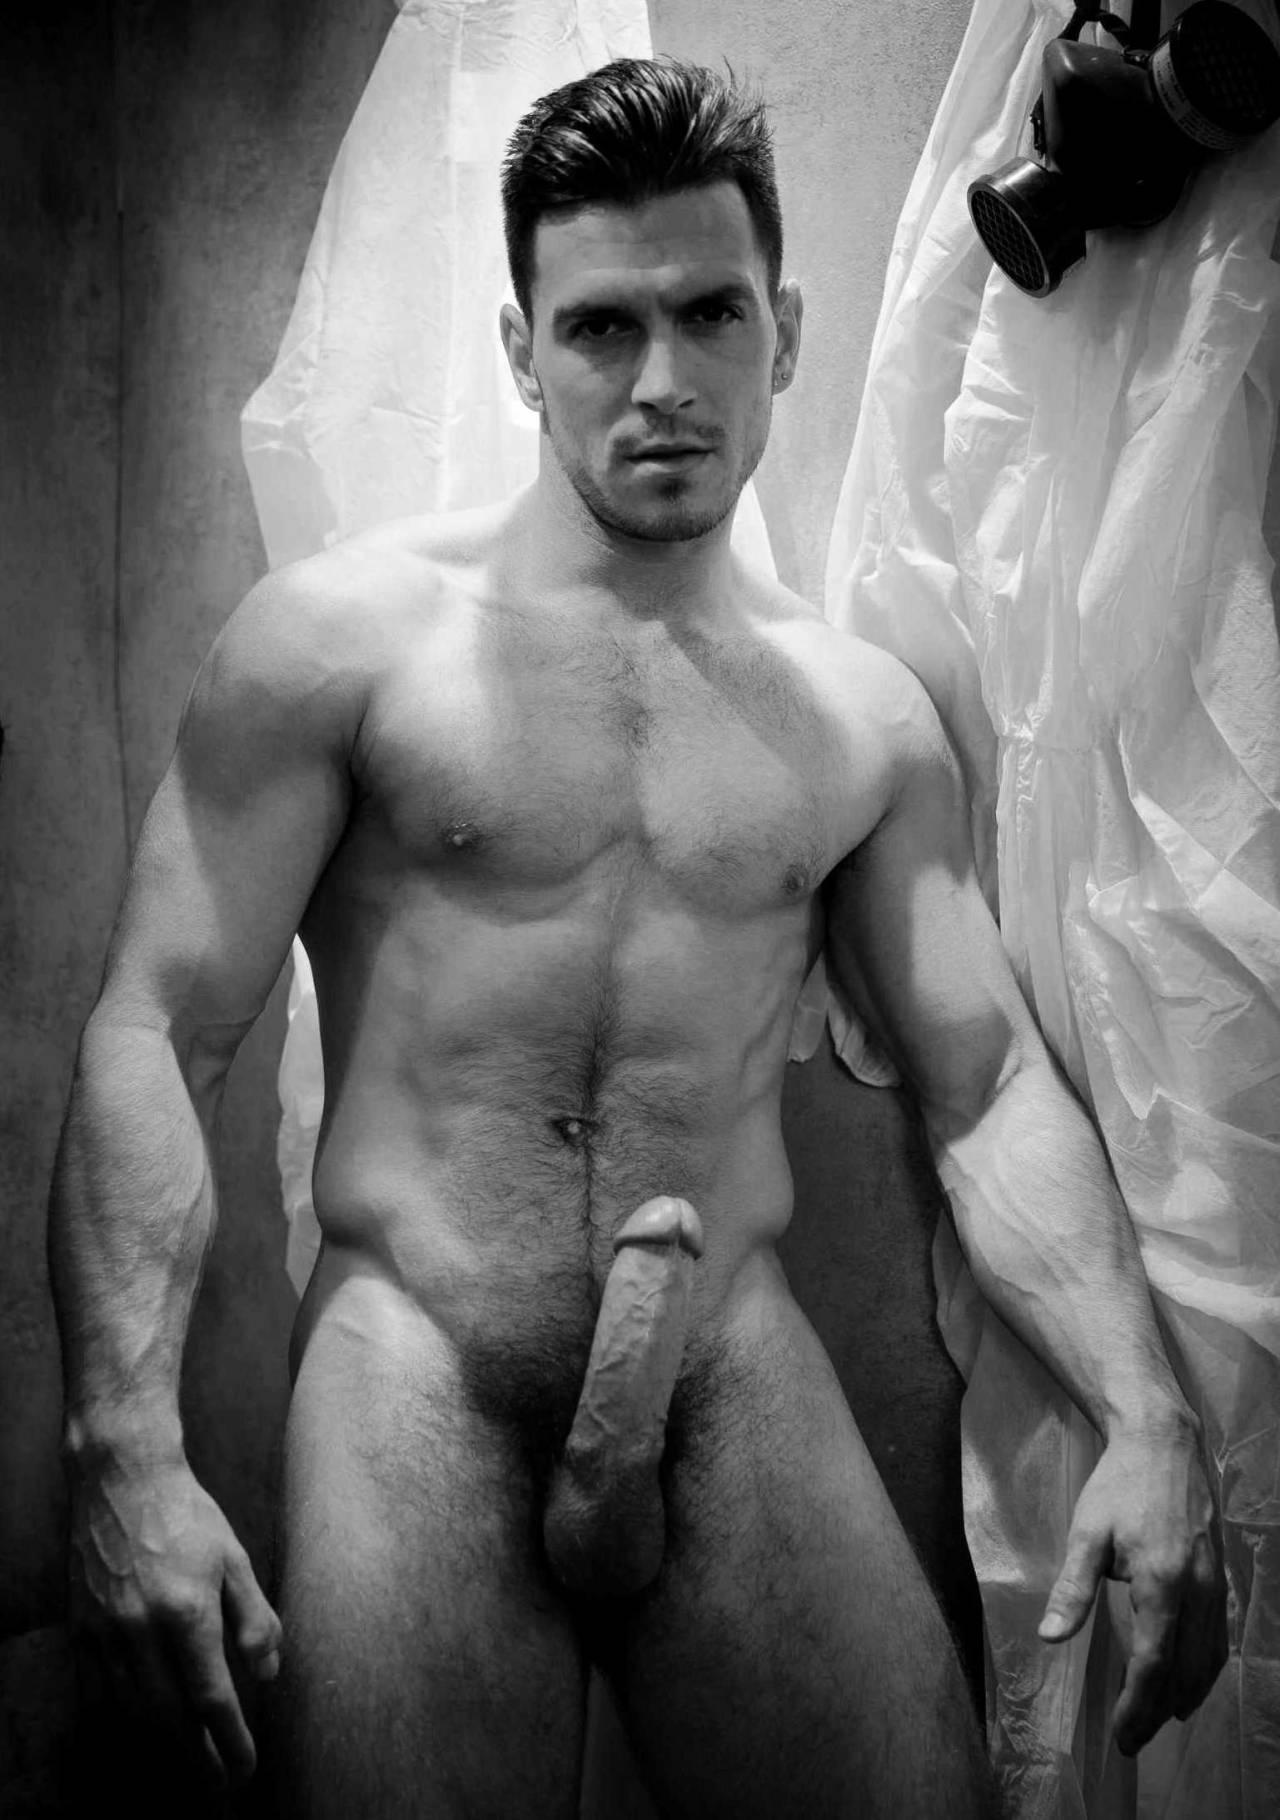 Paddy O'Brian gay hot daddy dude men porn